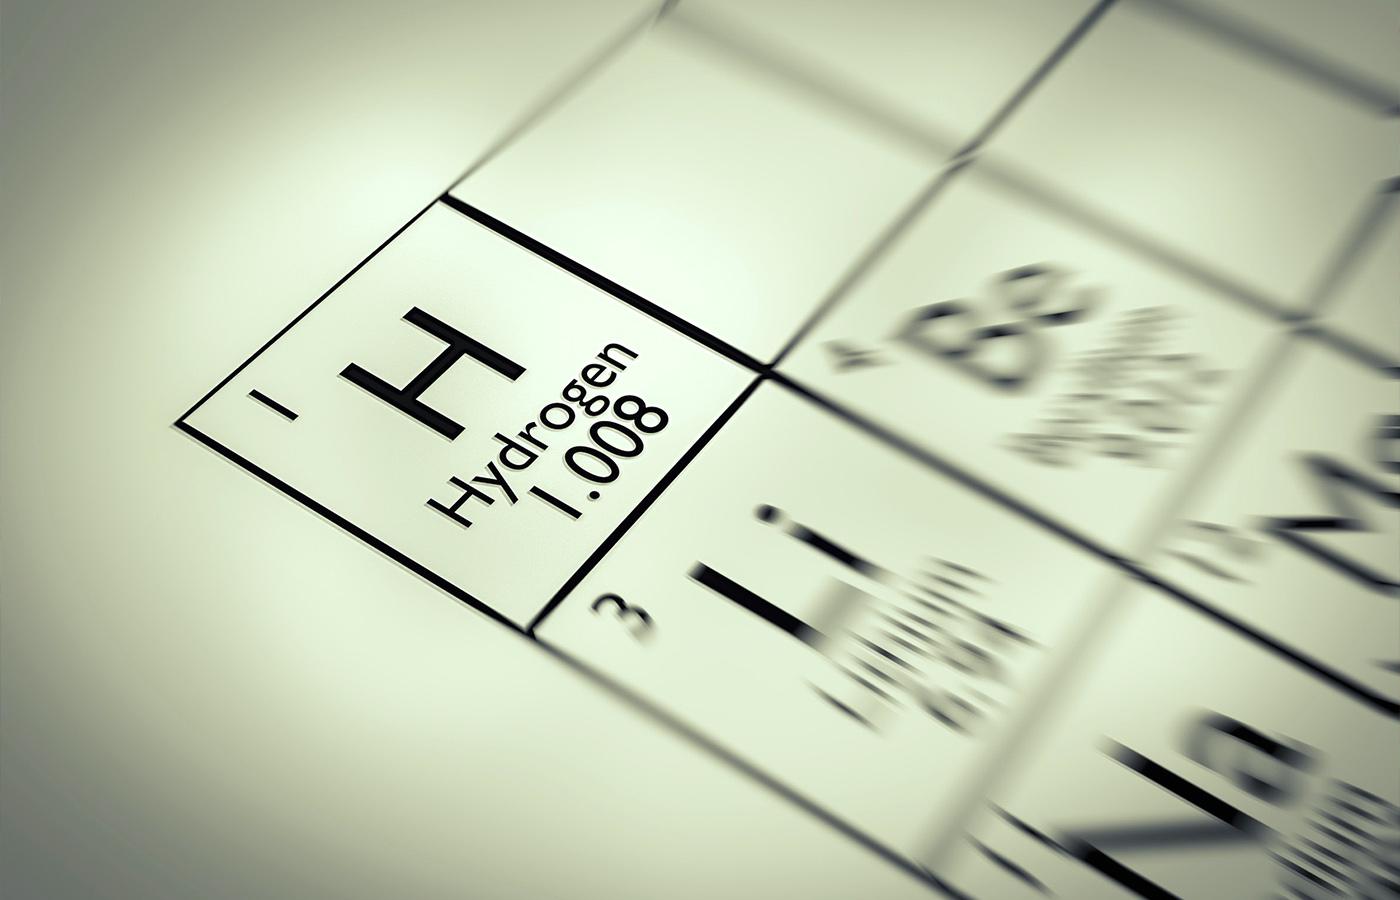 Το υδρογόνο ως μέταλλο από τον Πέτρο Ζωγράφο